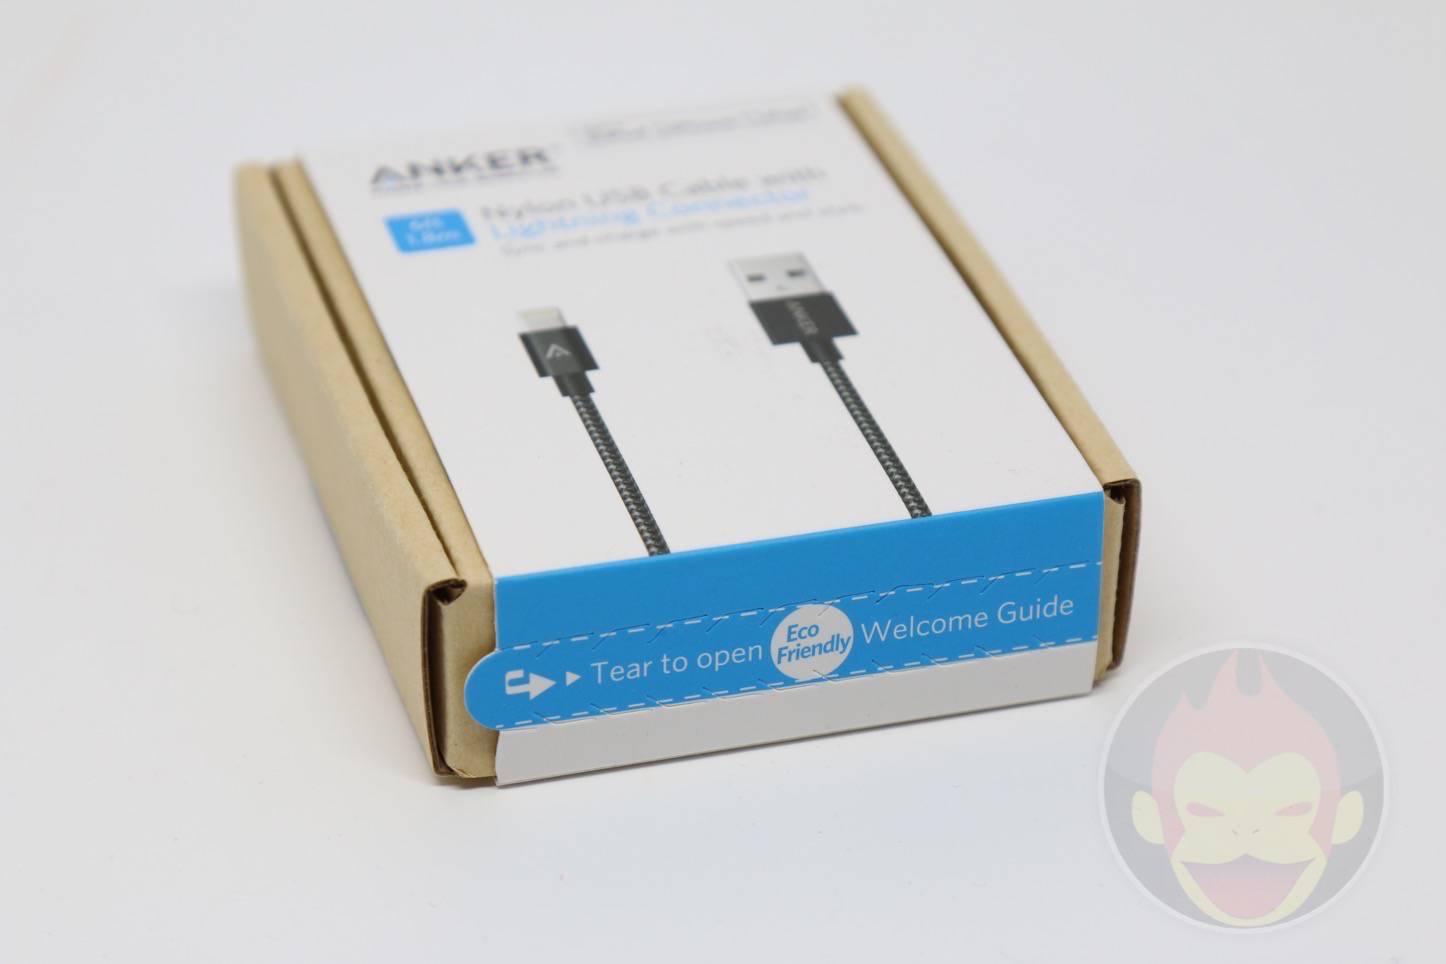 Anker-Lightning-Cable-02.jpg